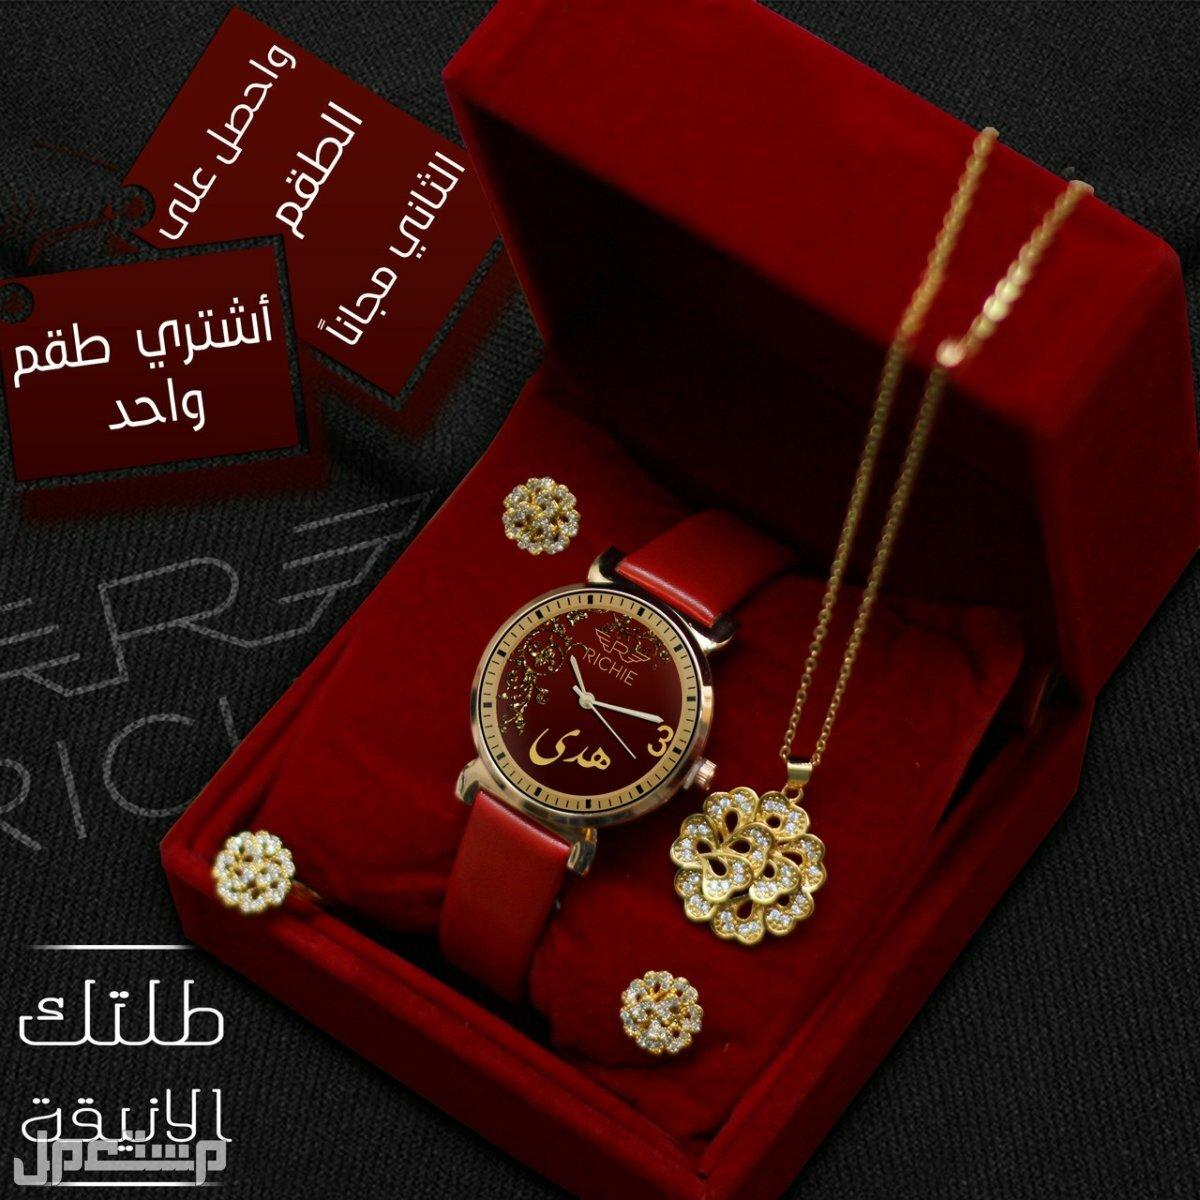 عرض خاص # اشتري طقم واحصل على الاخر مجانا